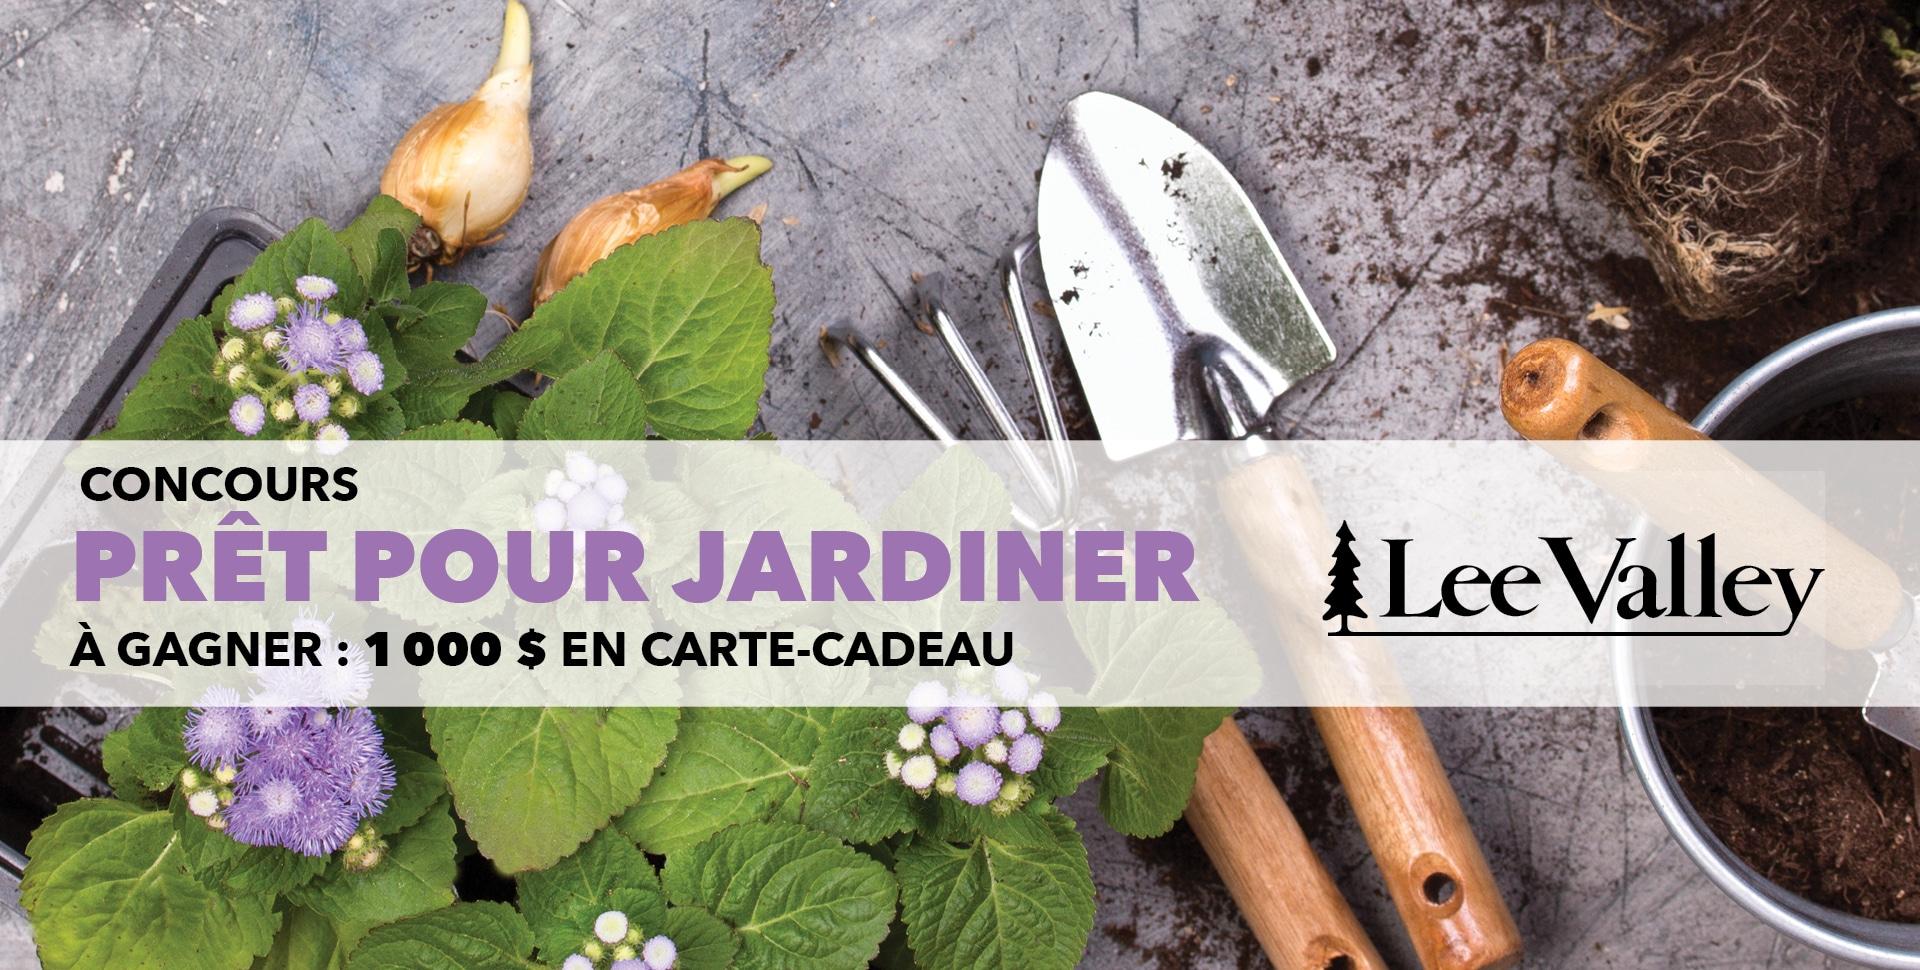 Concours Pret pour jardiner avec Lee Valley